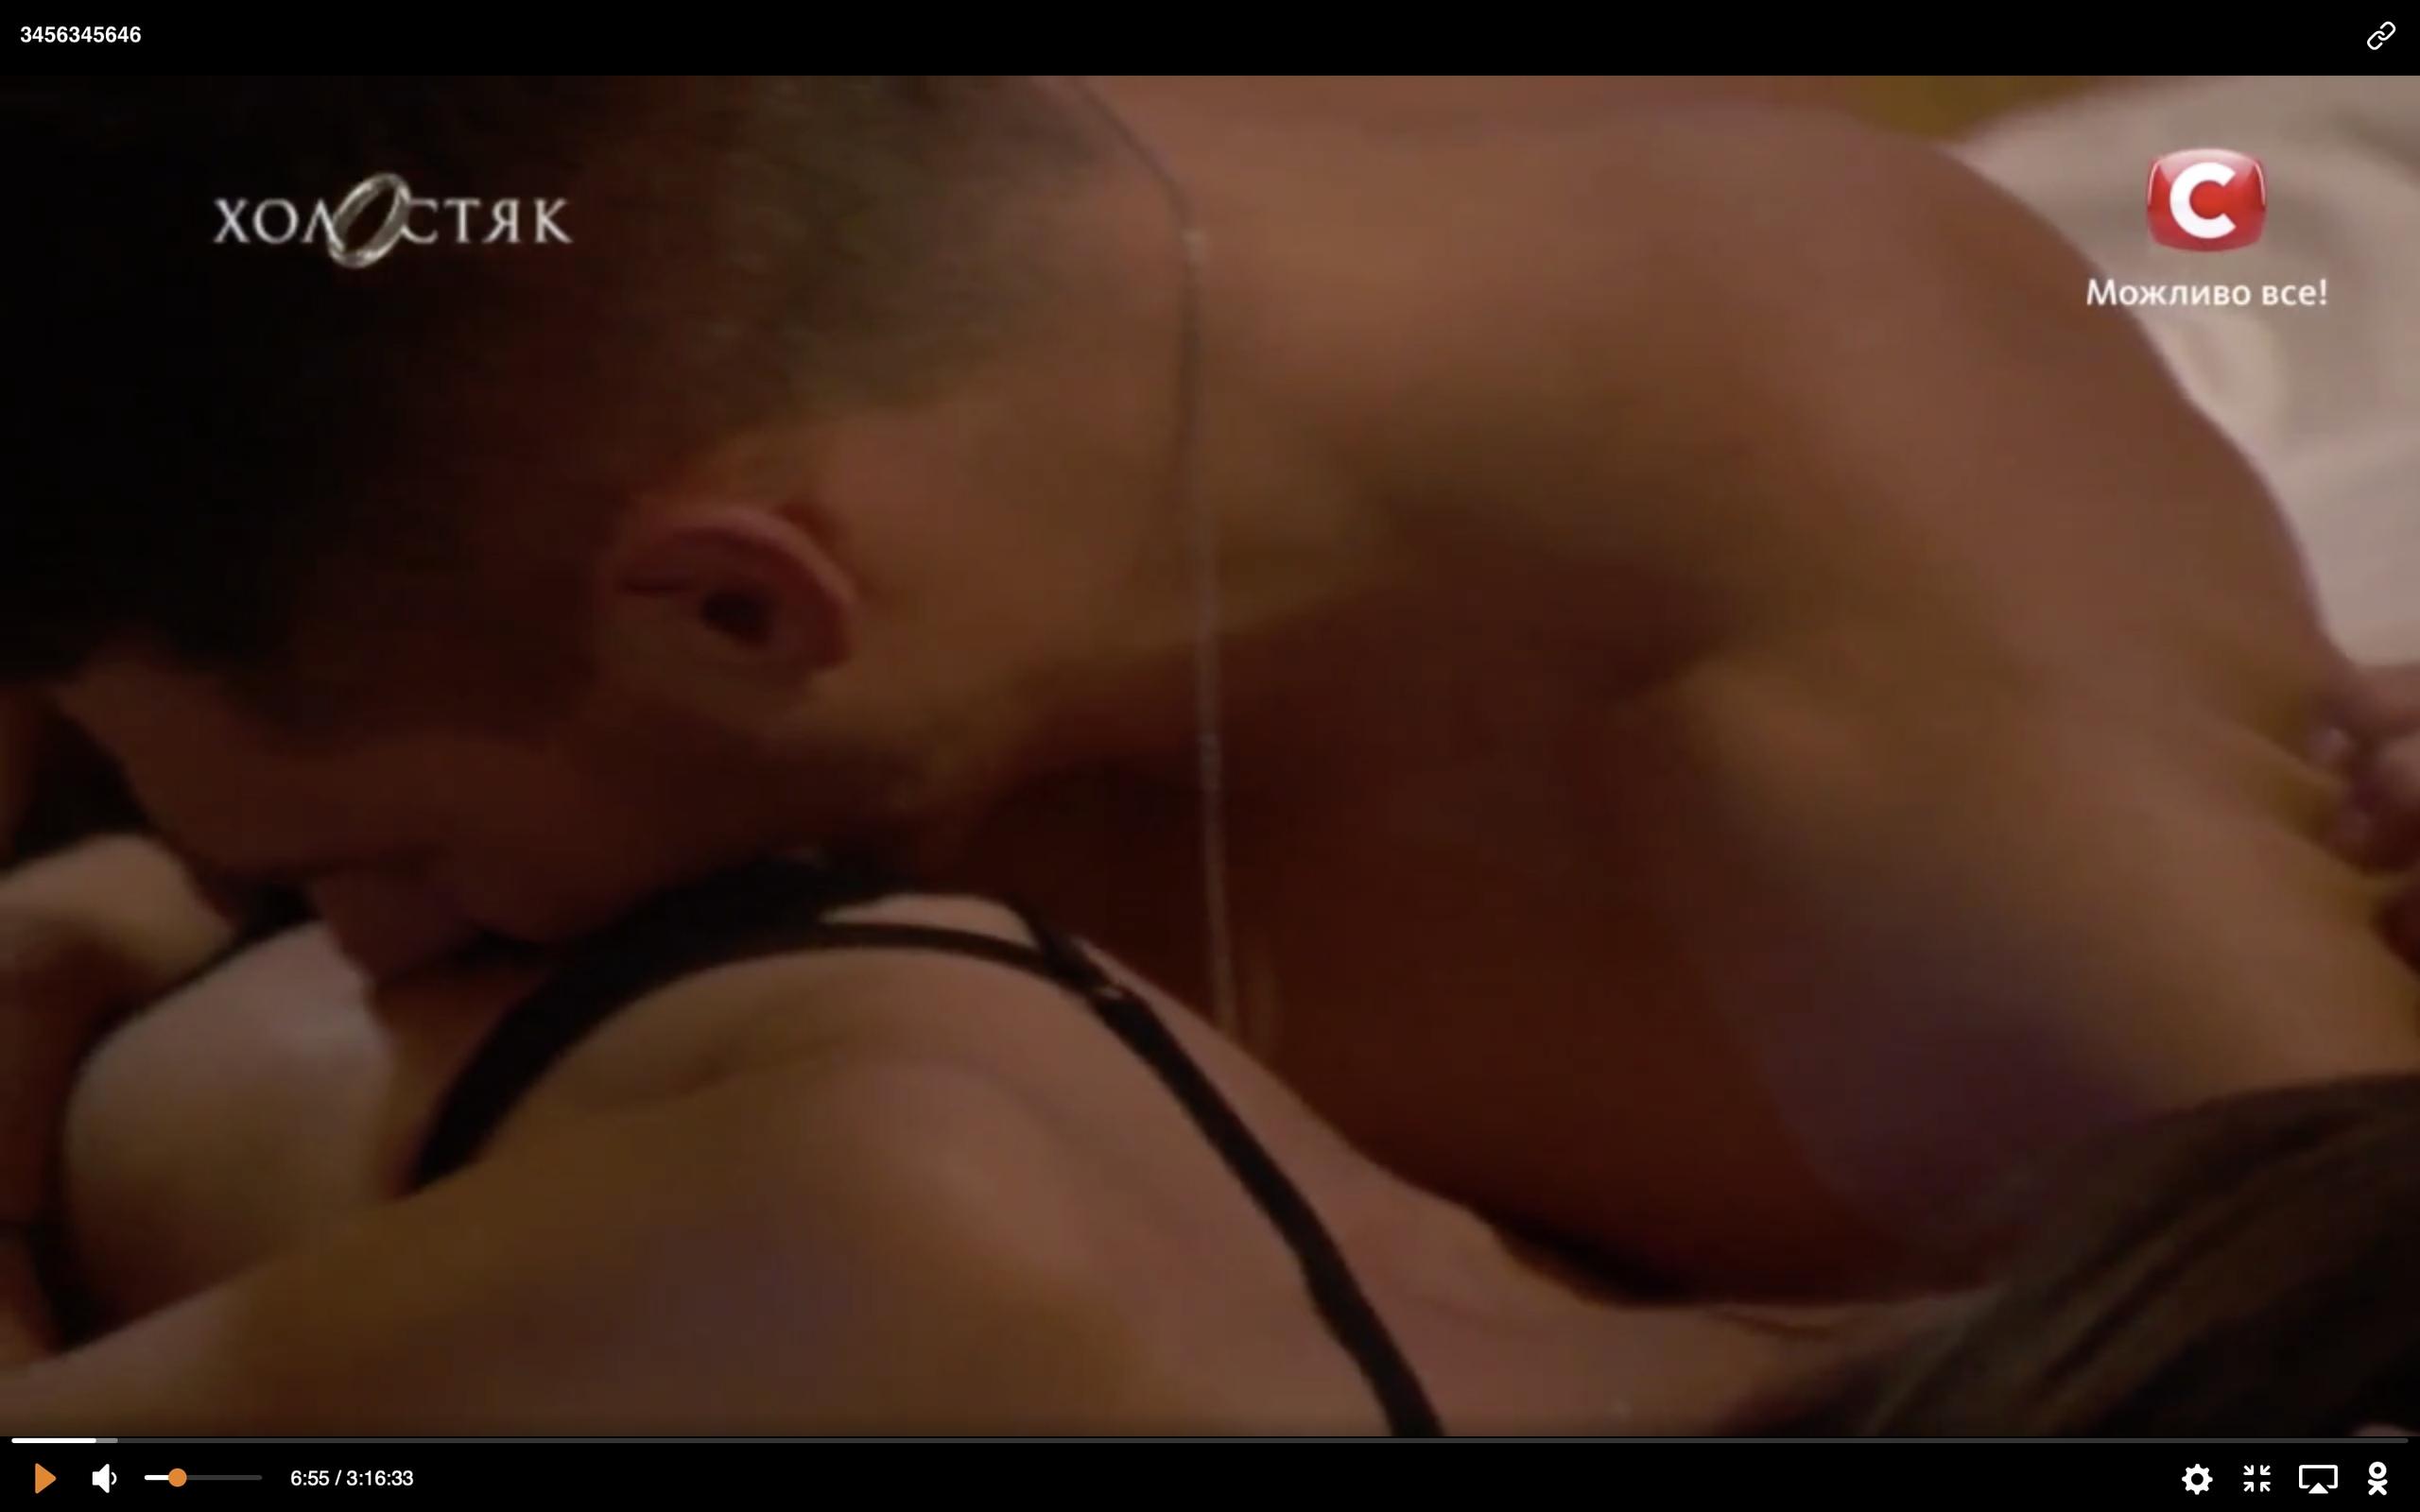 Bachelor Ukraine - Season 9 - Nikita Dobrynin - *Sleuthing Spoilers* - Page 10 NwfjjnG__G0